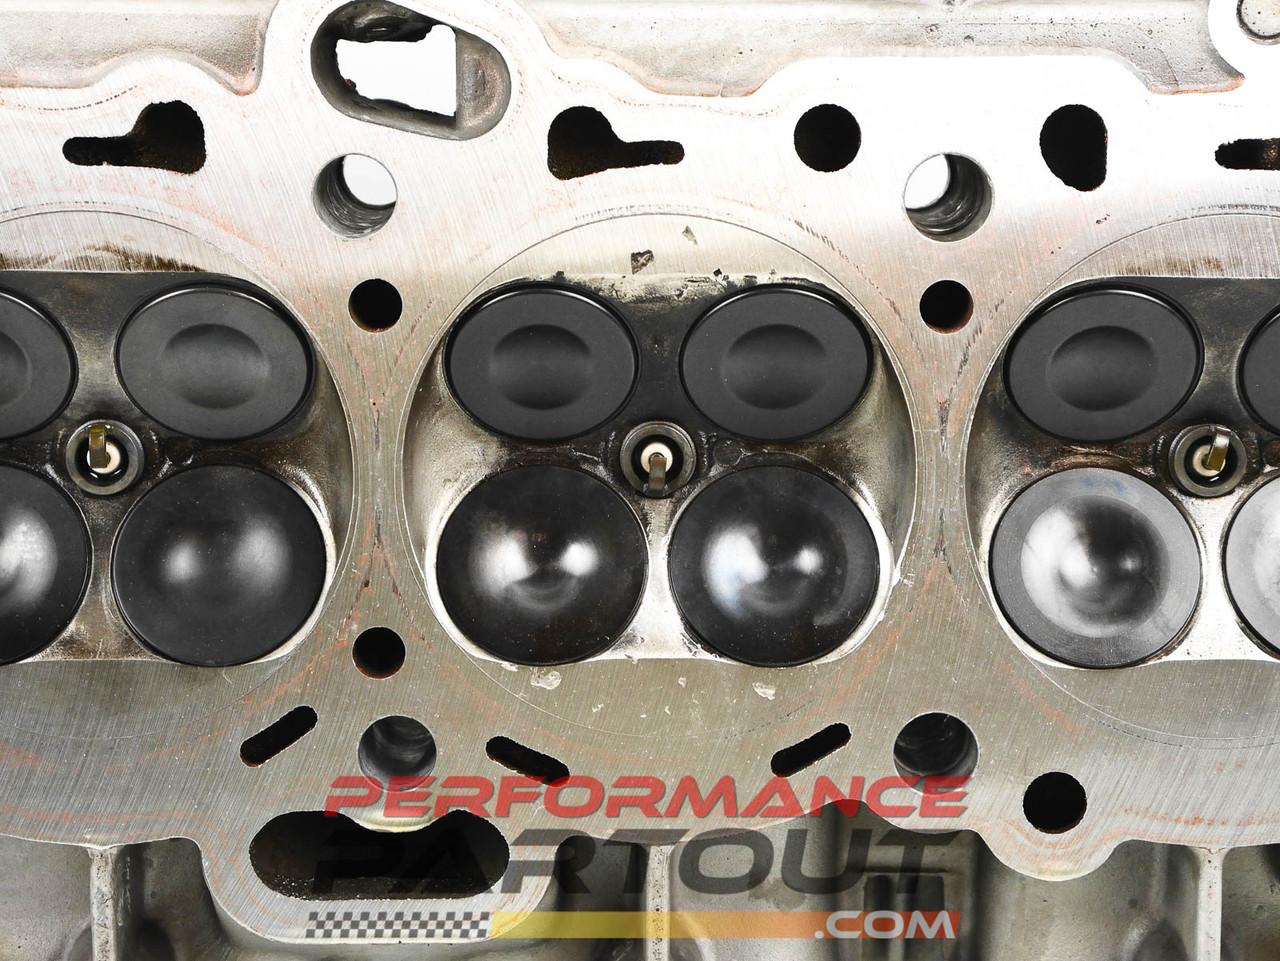 1G Race Built 4G63 cylinder head PRTOUT